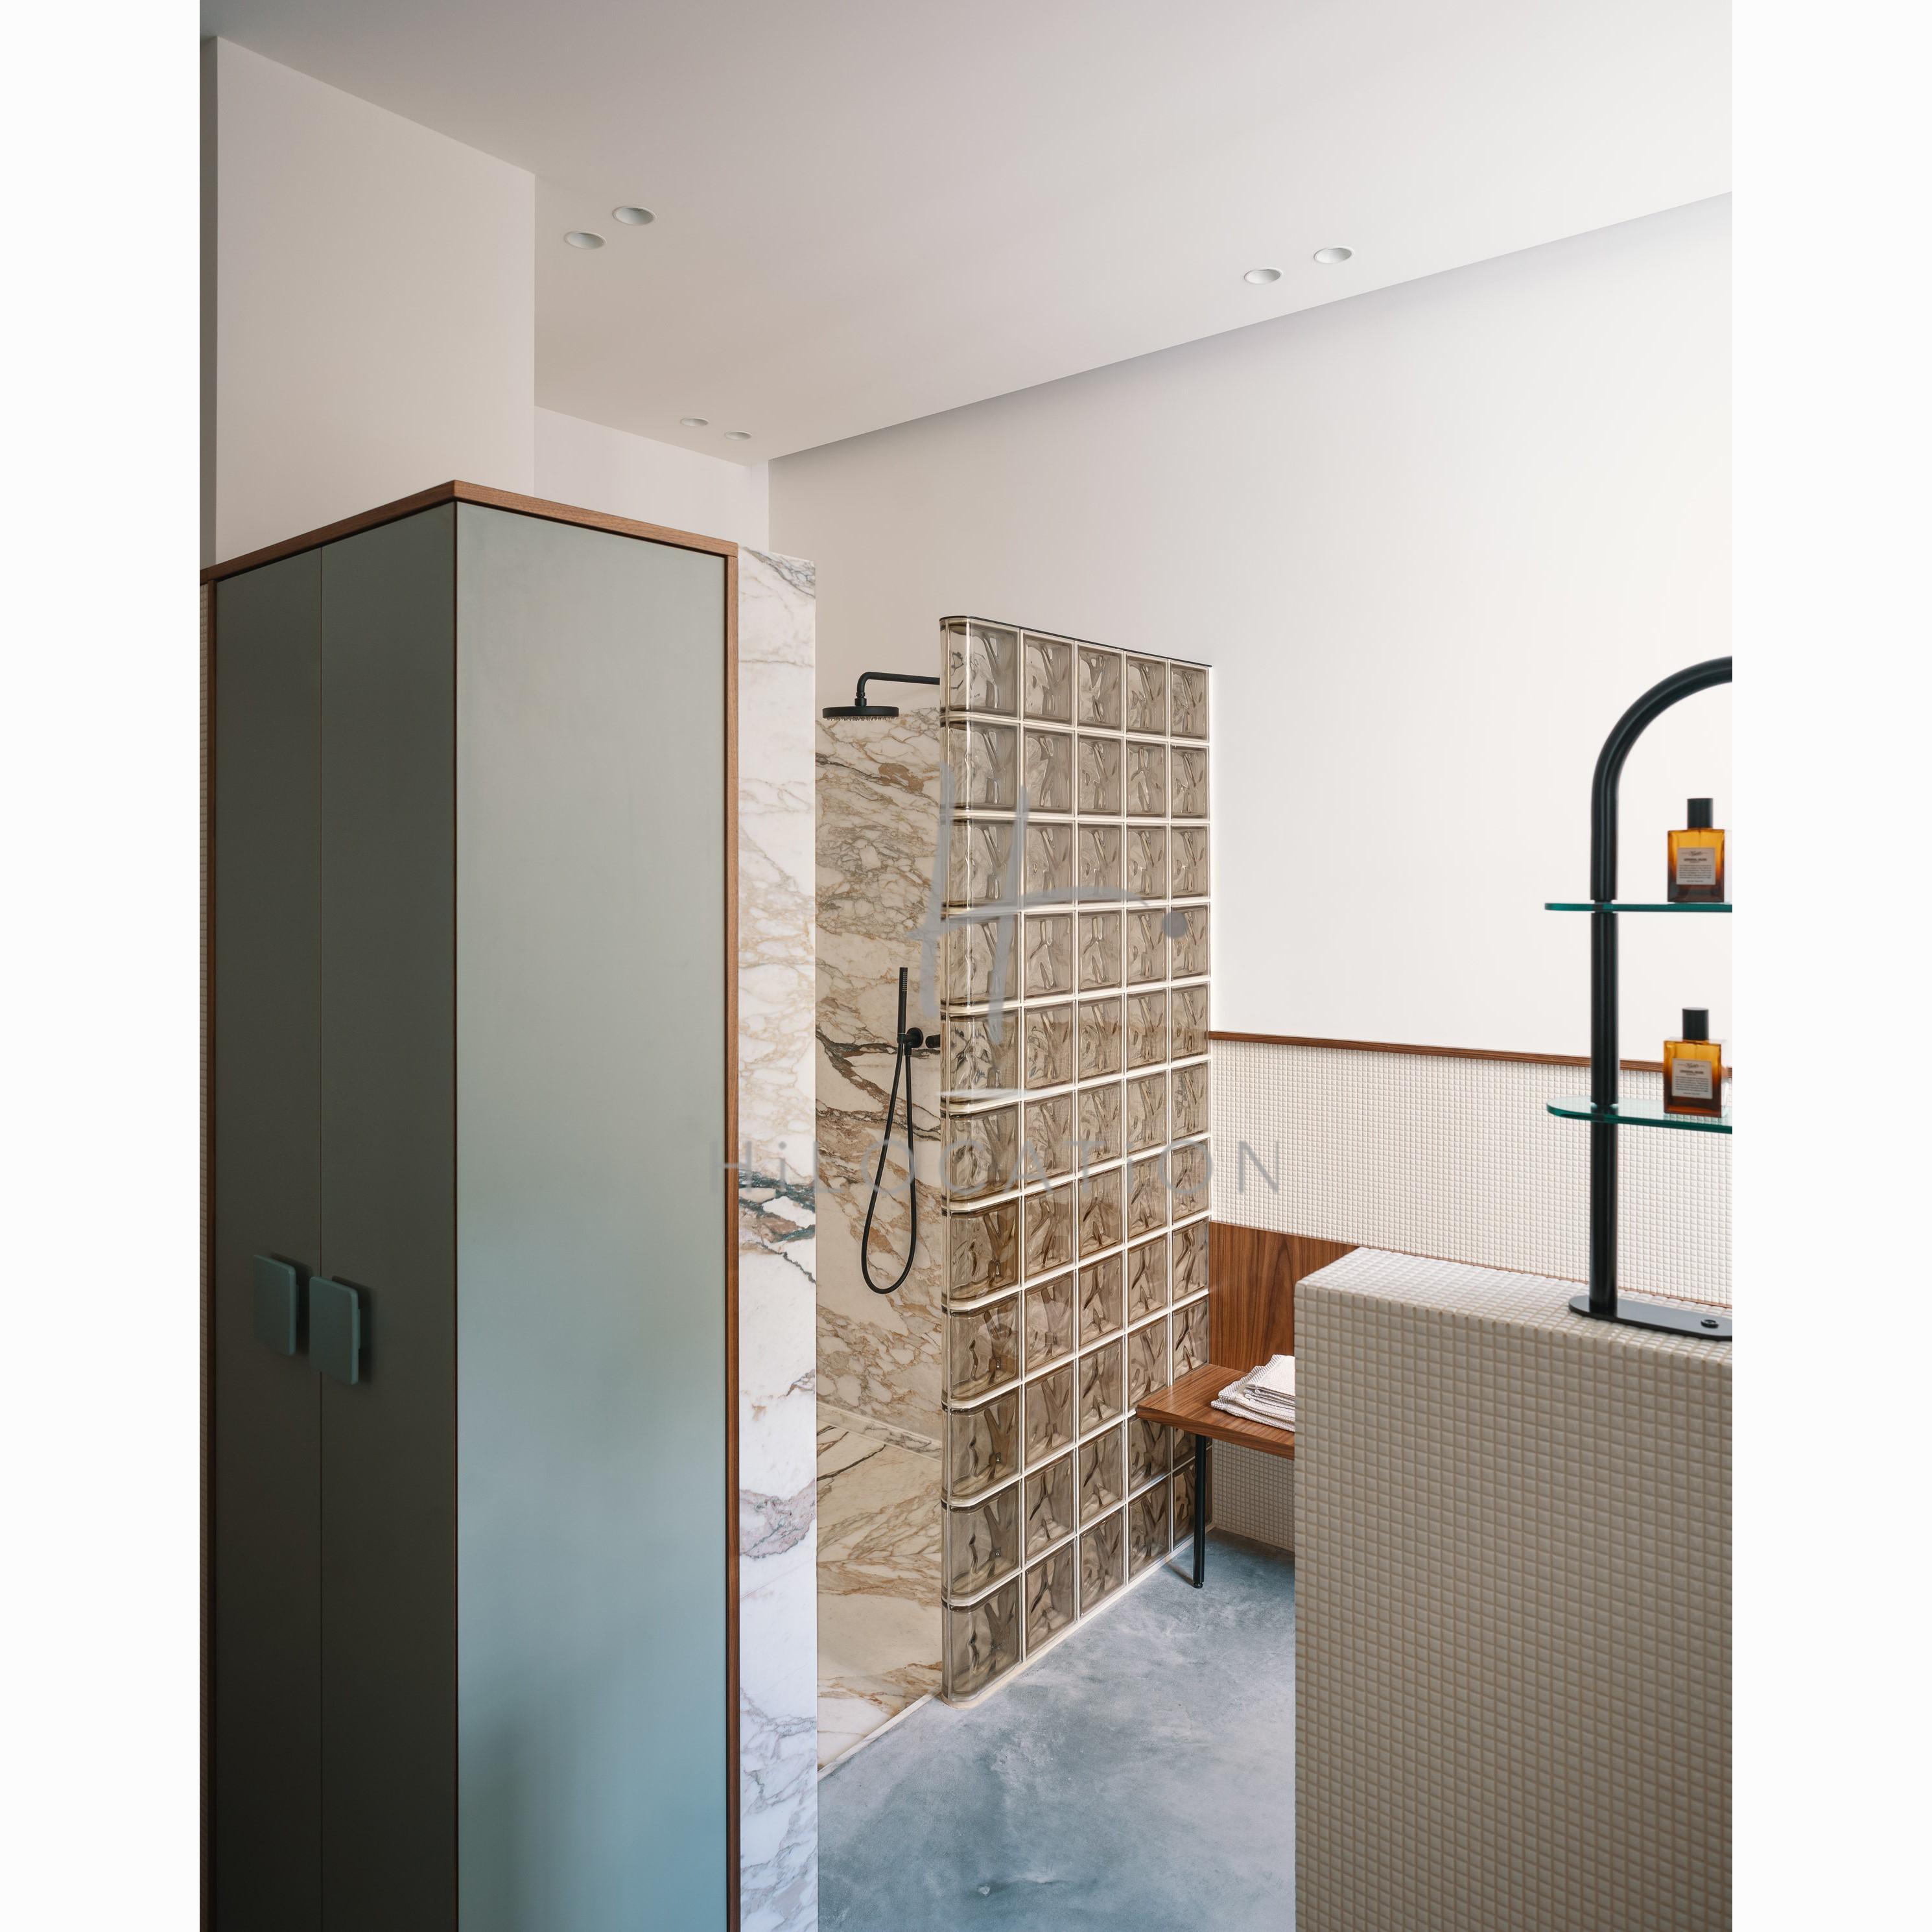 Casa-mille-apartment-interiors-italy-turin-fabio-fantolino_dezeen_2364_col_9